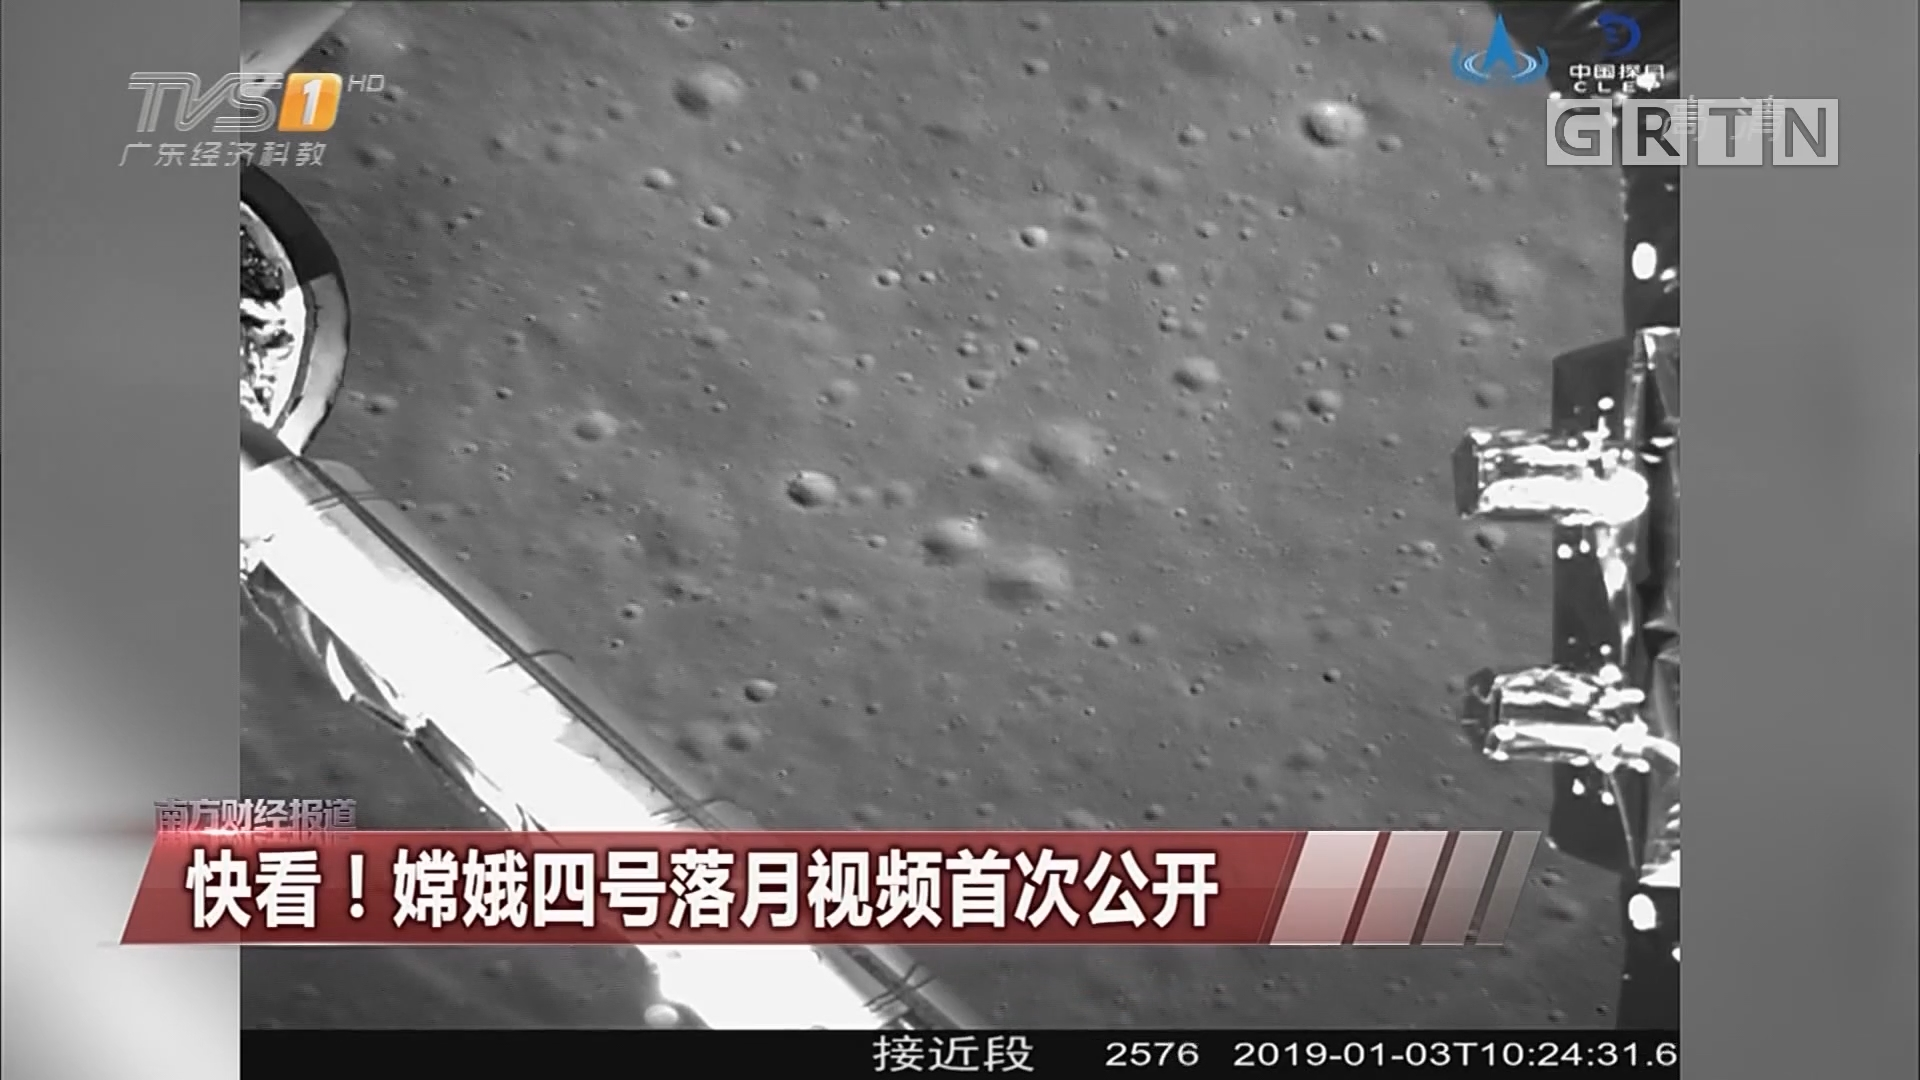 快看!嫦娥四号落月视频首次公开